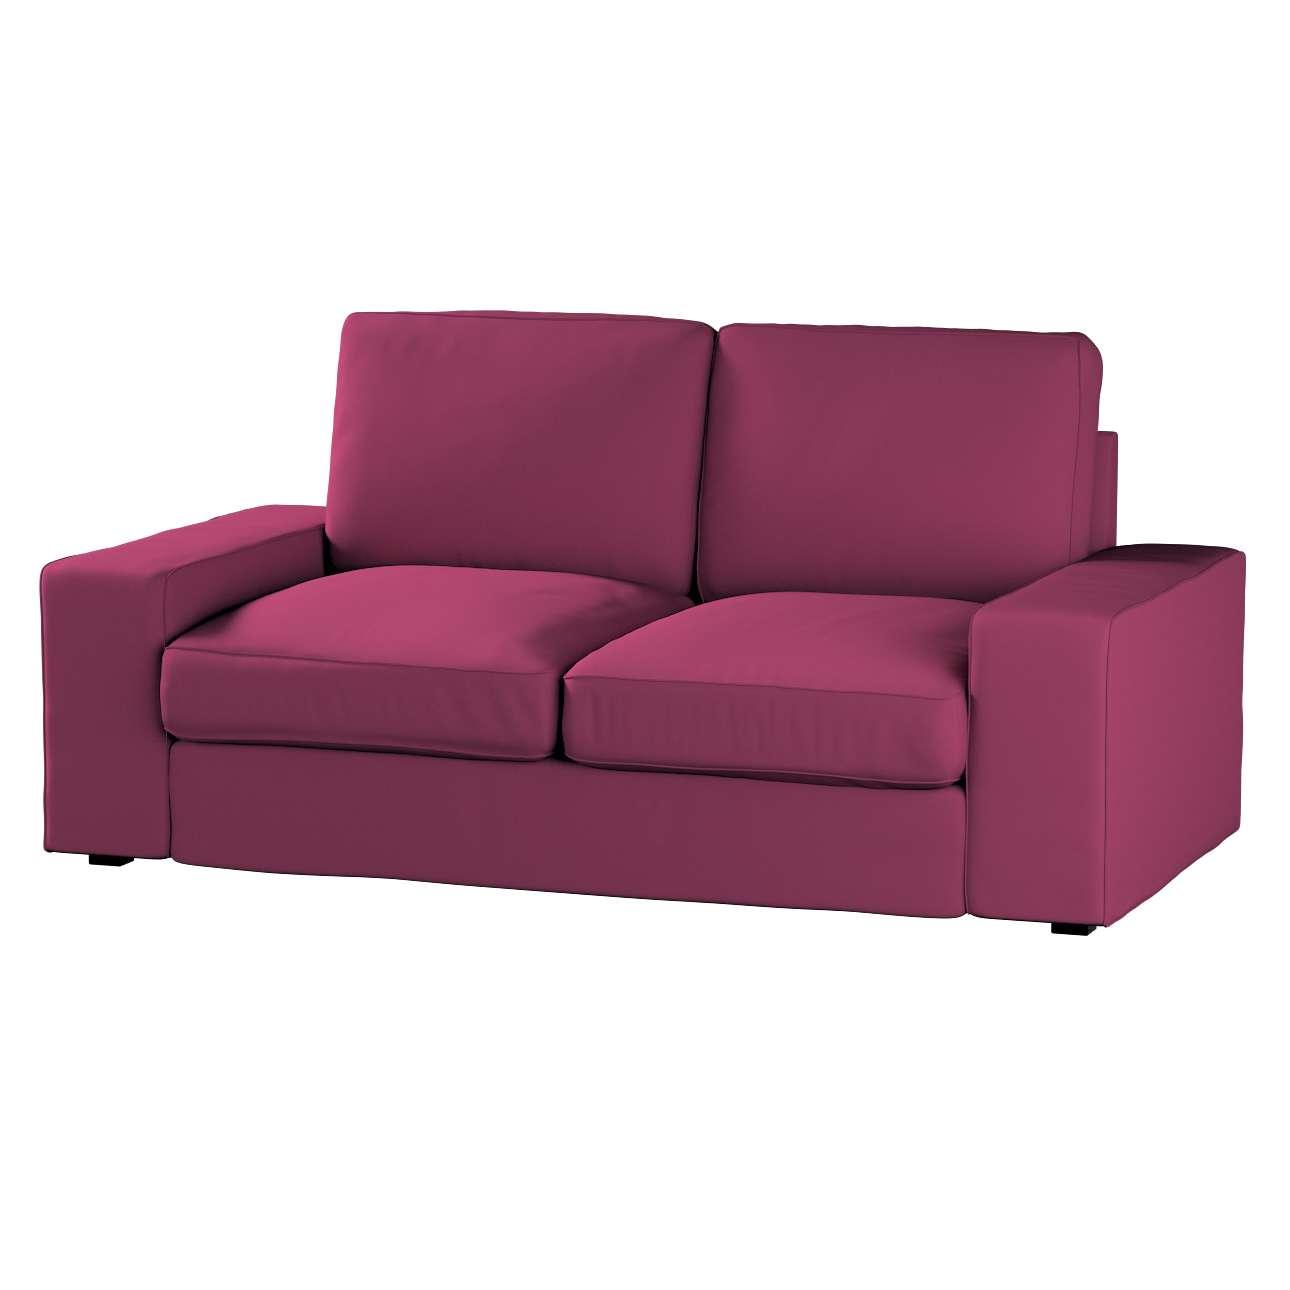 Pokrowiec na sofę Kivik 2-osobową, nierozkładaną Sofa Kivik 2-osobowa w kolekcji Cotton Panama, tkanina: 702-32